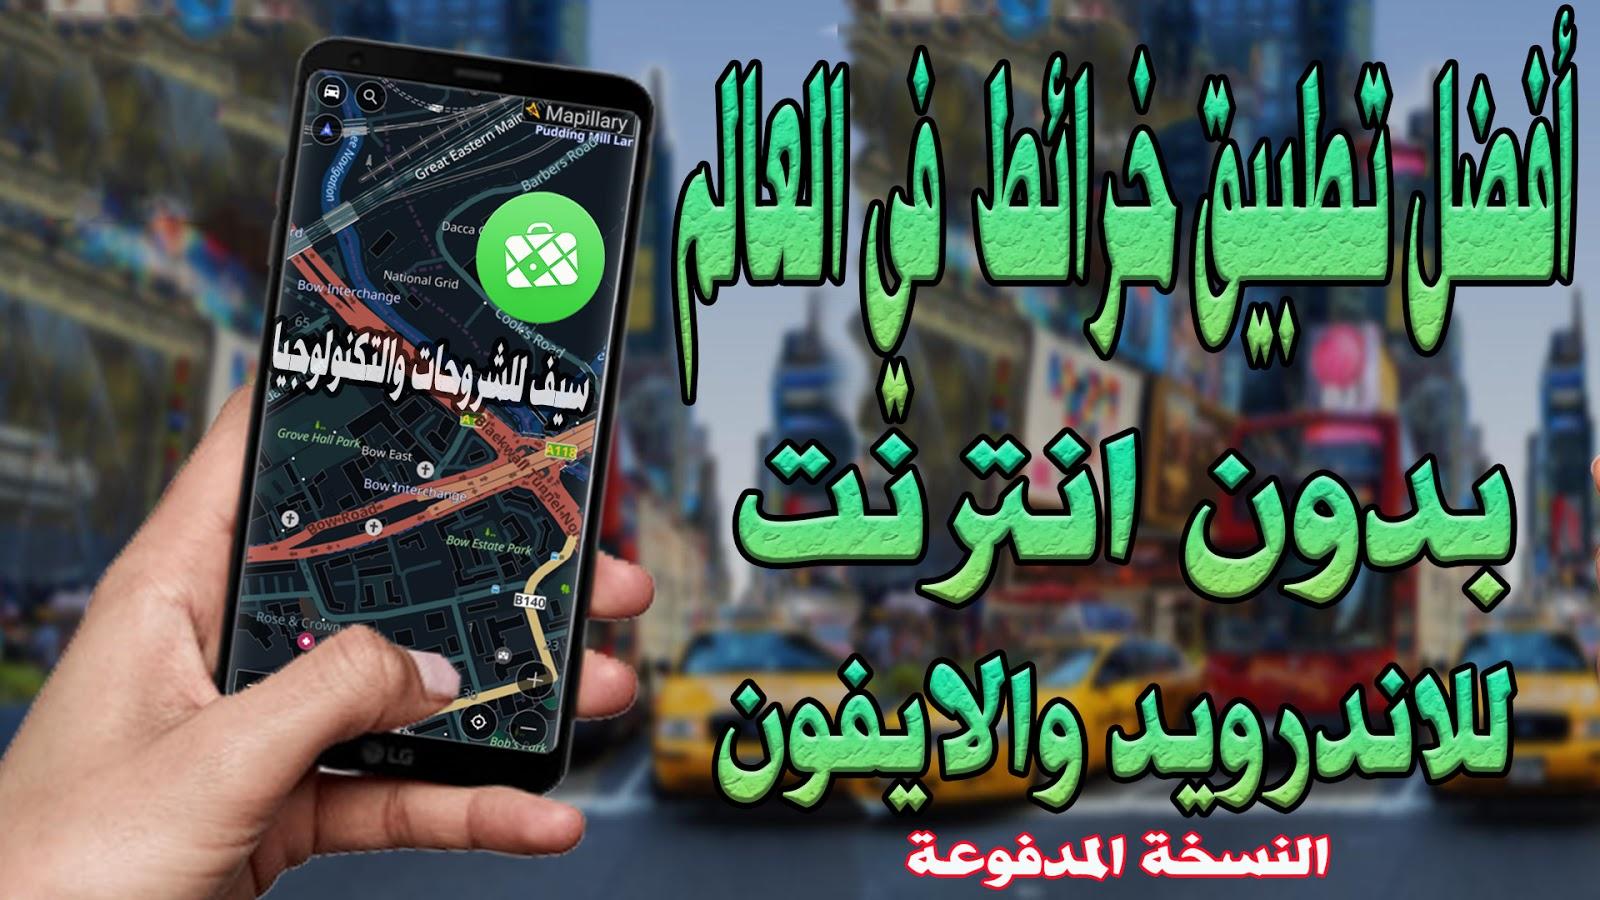 تحميل أفضل تطبيق خرائط (GPS) في العالم بدون انترنت للاندرويد والايفون - النسخة المدفوعة